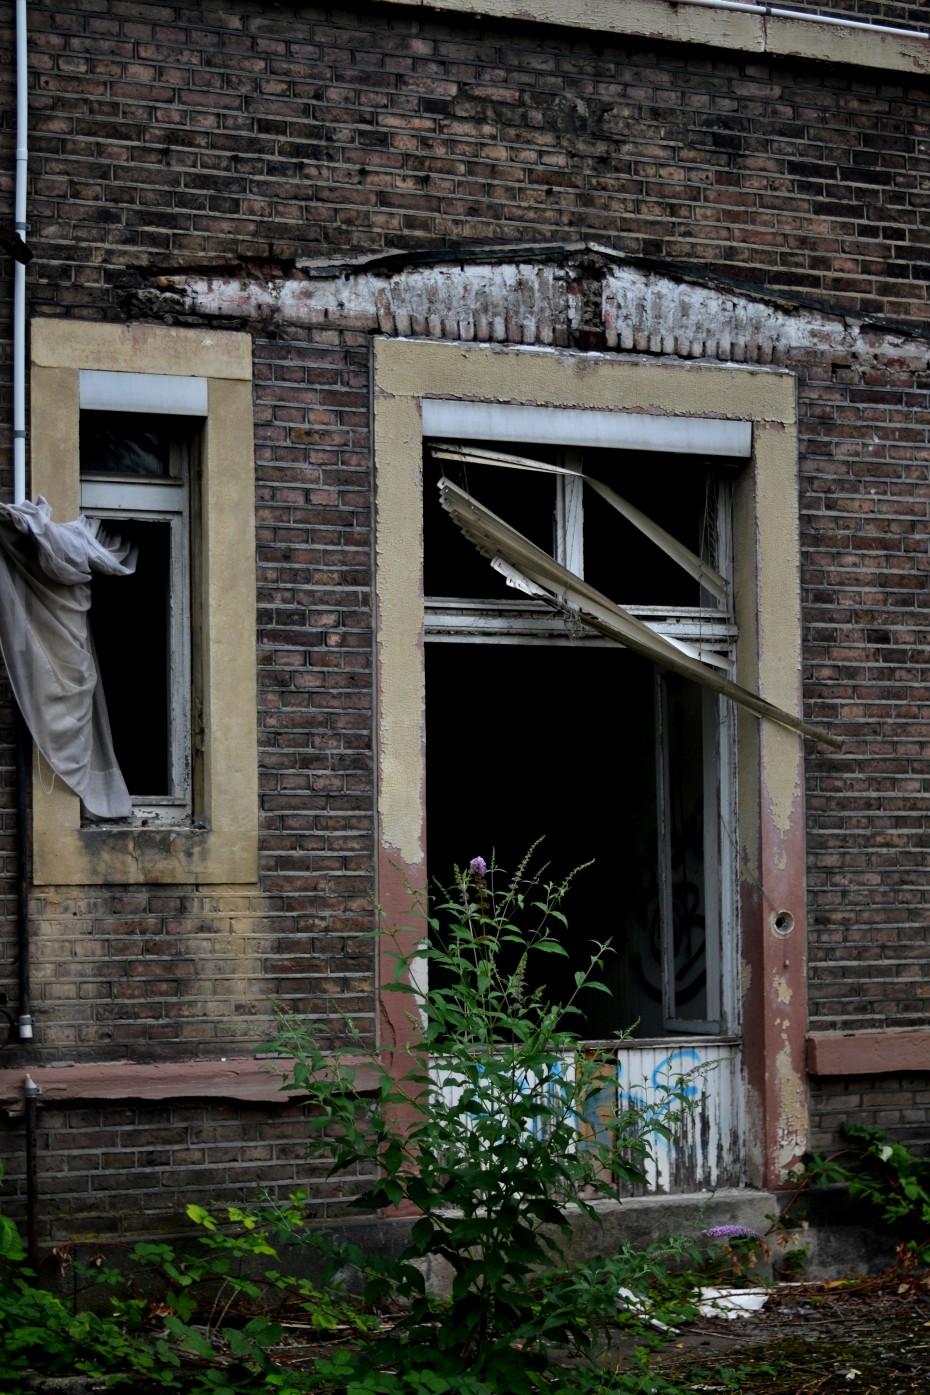 Lost Place Fotografie: Tür Gruselvilla ©Imke Haverbusch